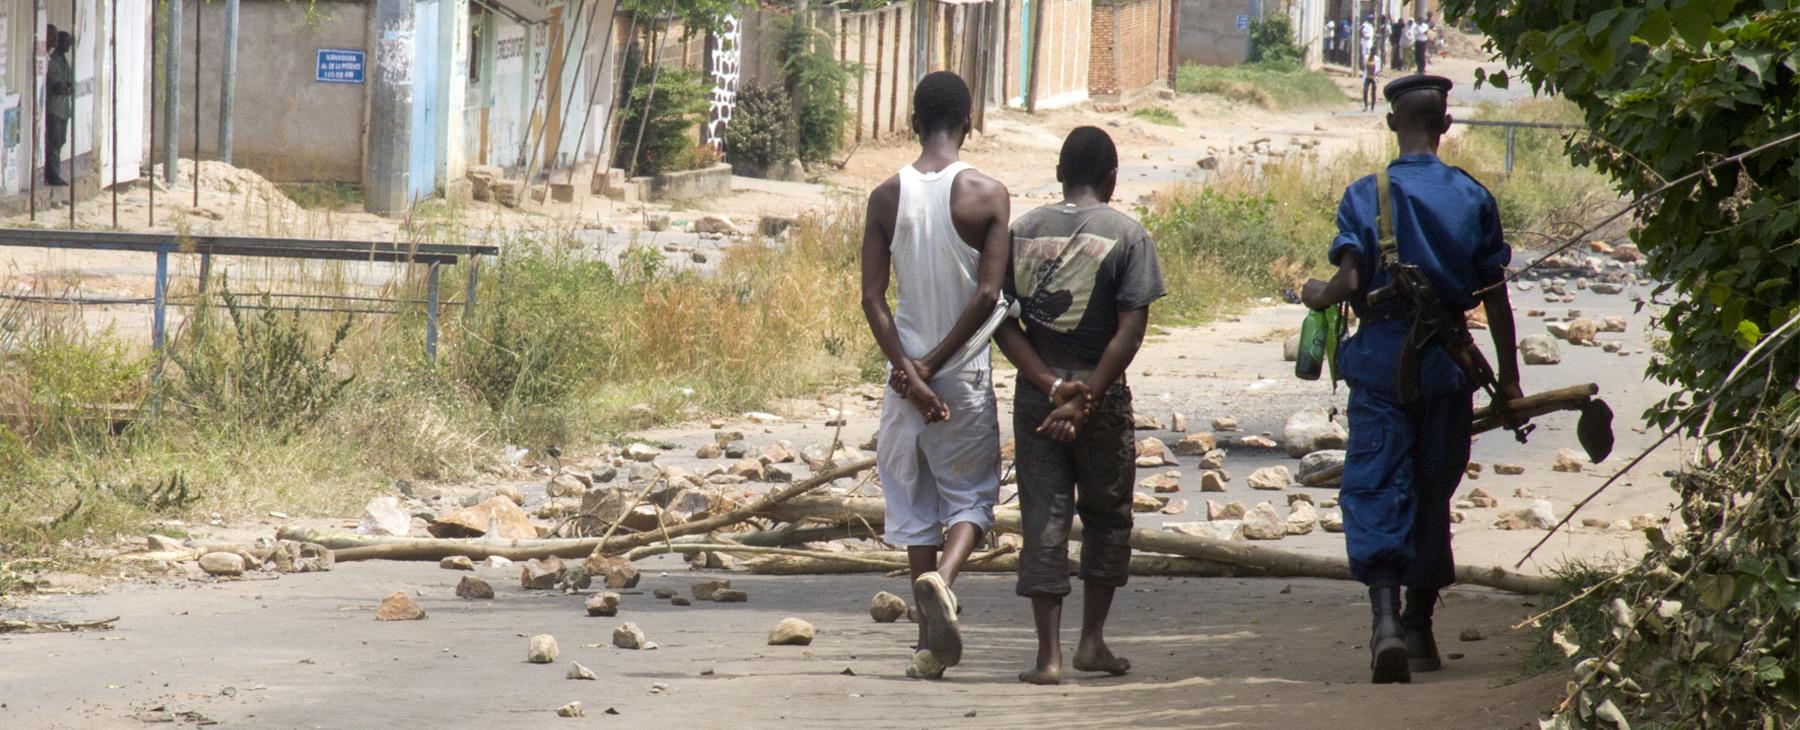 Burundi : Appel en faveur du renouvellement du mandat de la Commission d'enquête